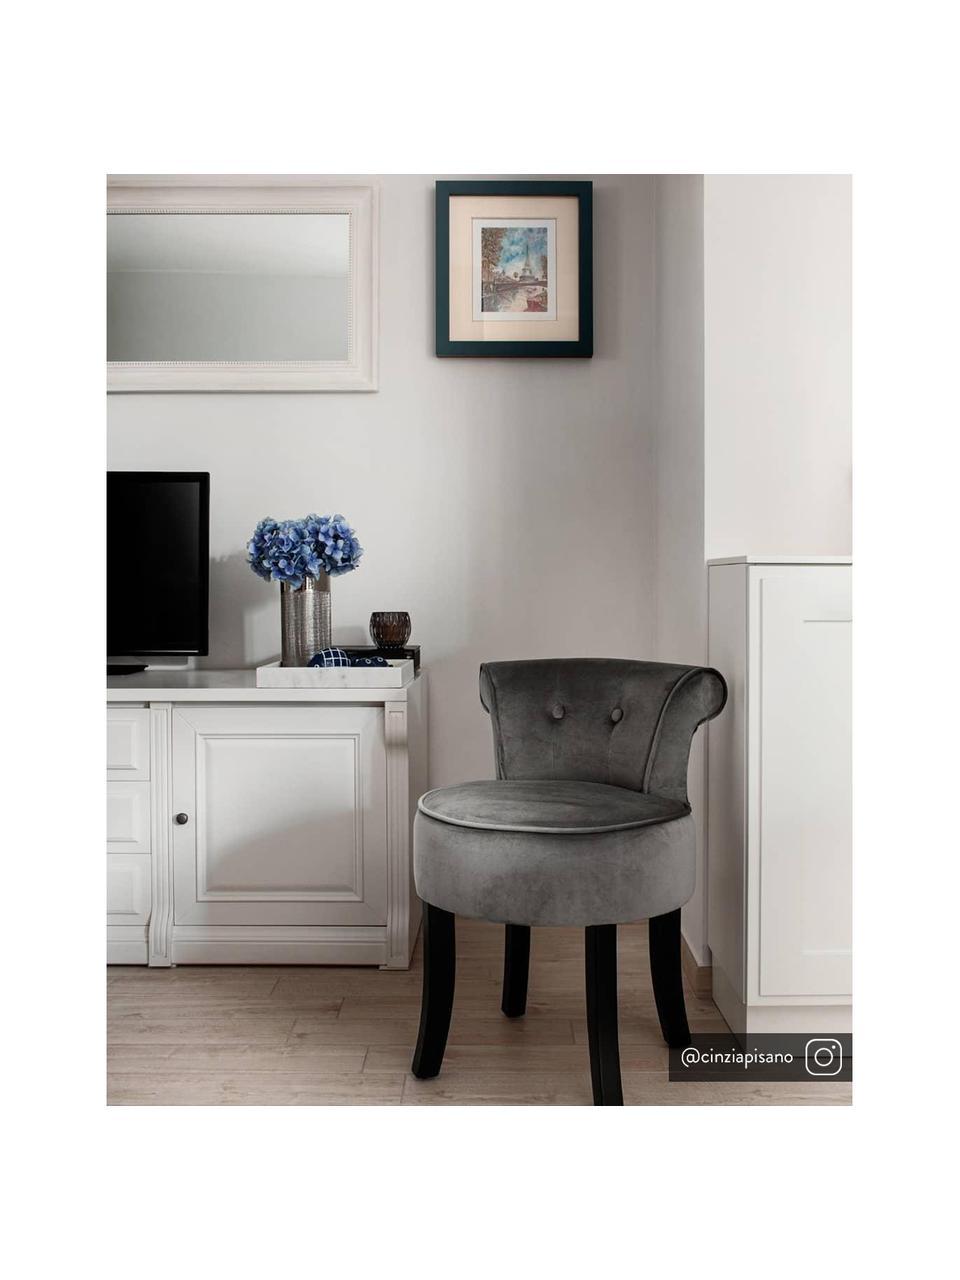 Samt-Hocker Alison mit Rückenlehne, Bezug: Baumwollsamt Der hochwert, Füße: Birkenholz, lackiert, Samt Grau, 48 x 65 cm